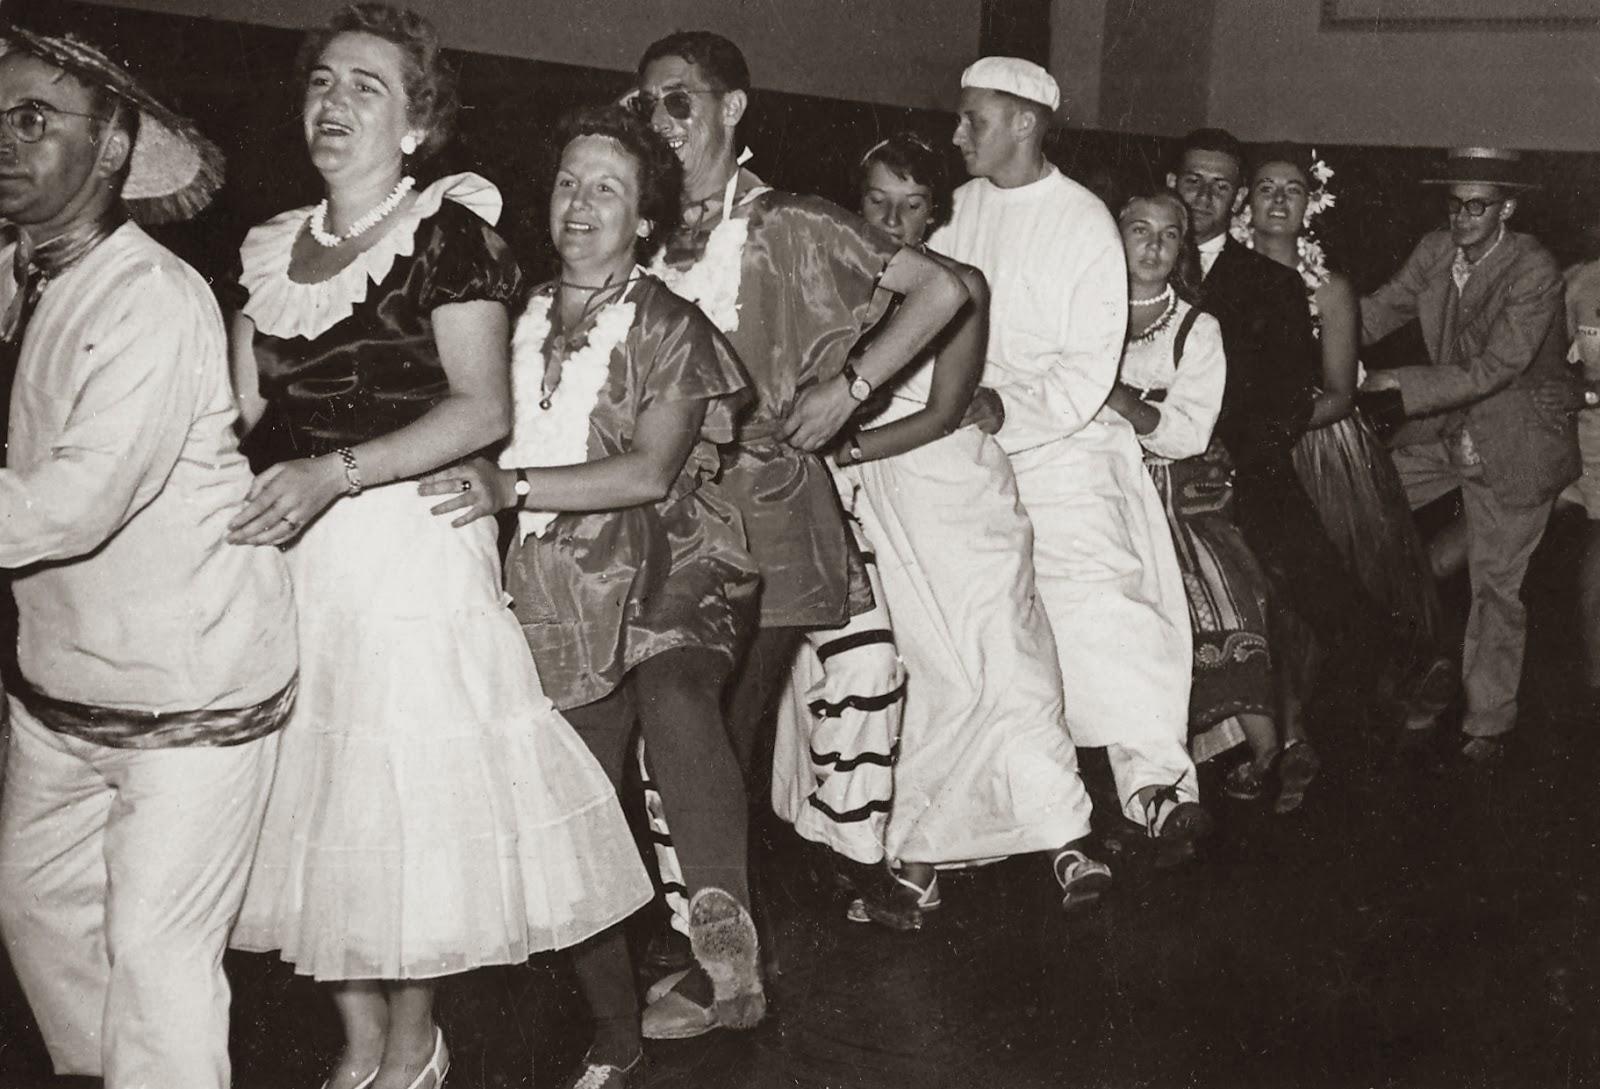 El deseado y viveiro baile de disfraces - Viveros bermejo ...